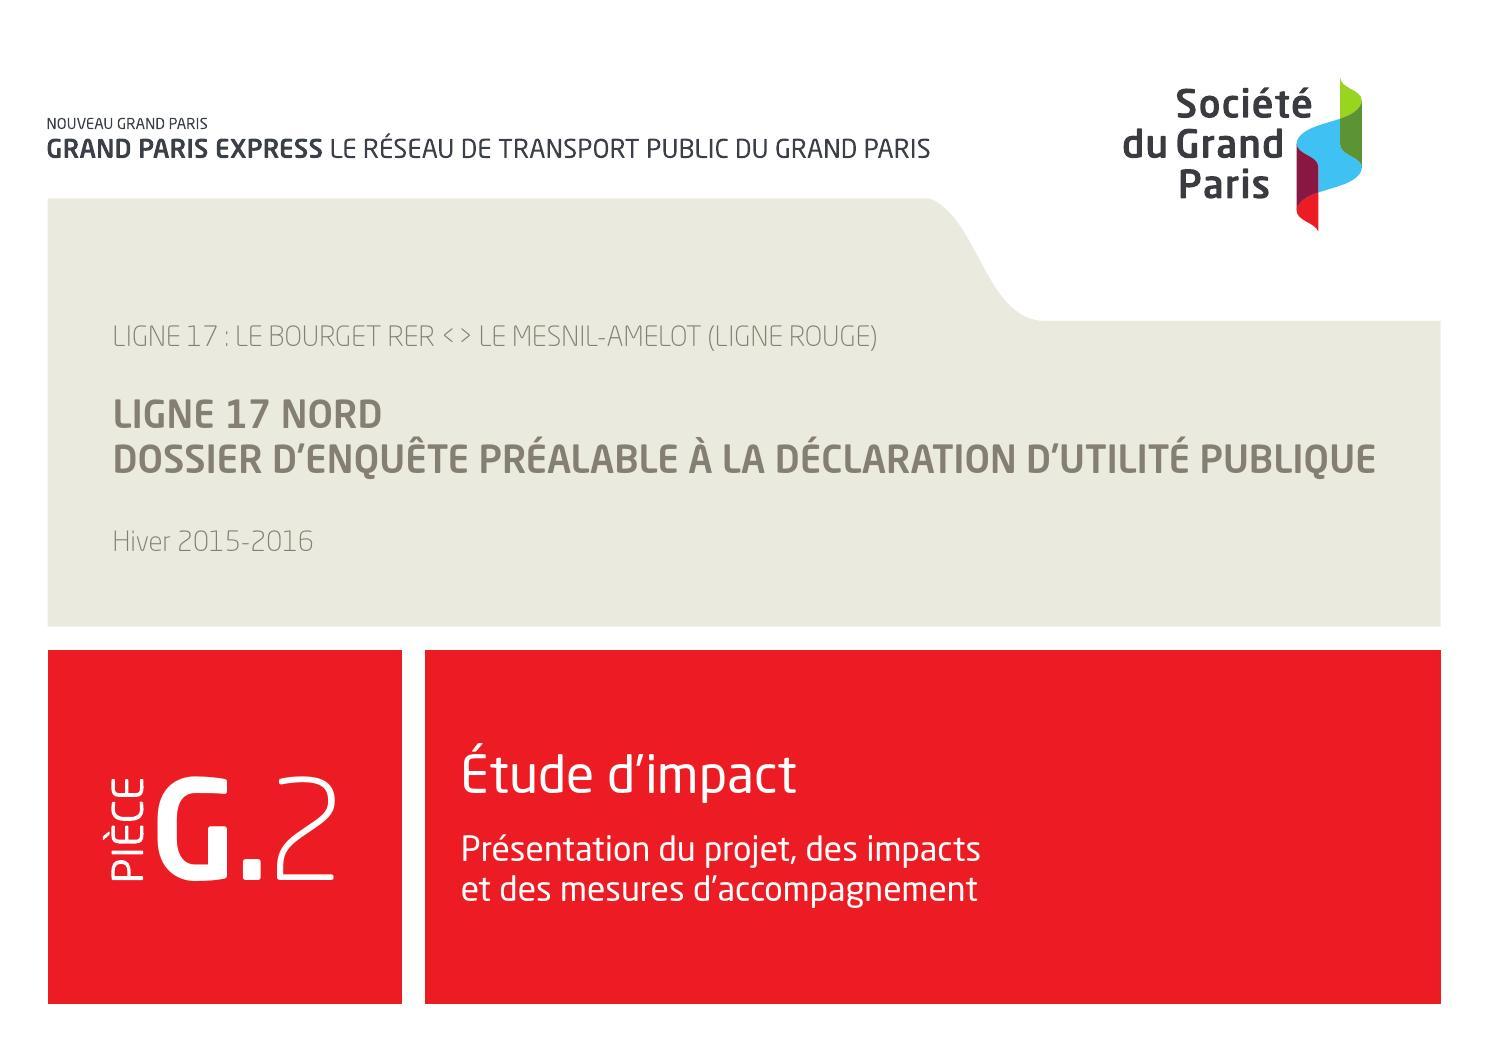 fea45724f4bf G.2. Etude d impact - Présentation du projet, des impacts et mesures  d accompagnement by SGP Enquête publique unique ligne 15 sud LSE et PC  Gares - issuu